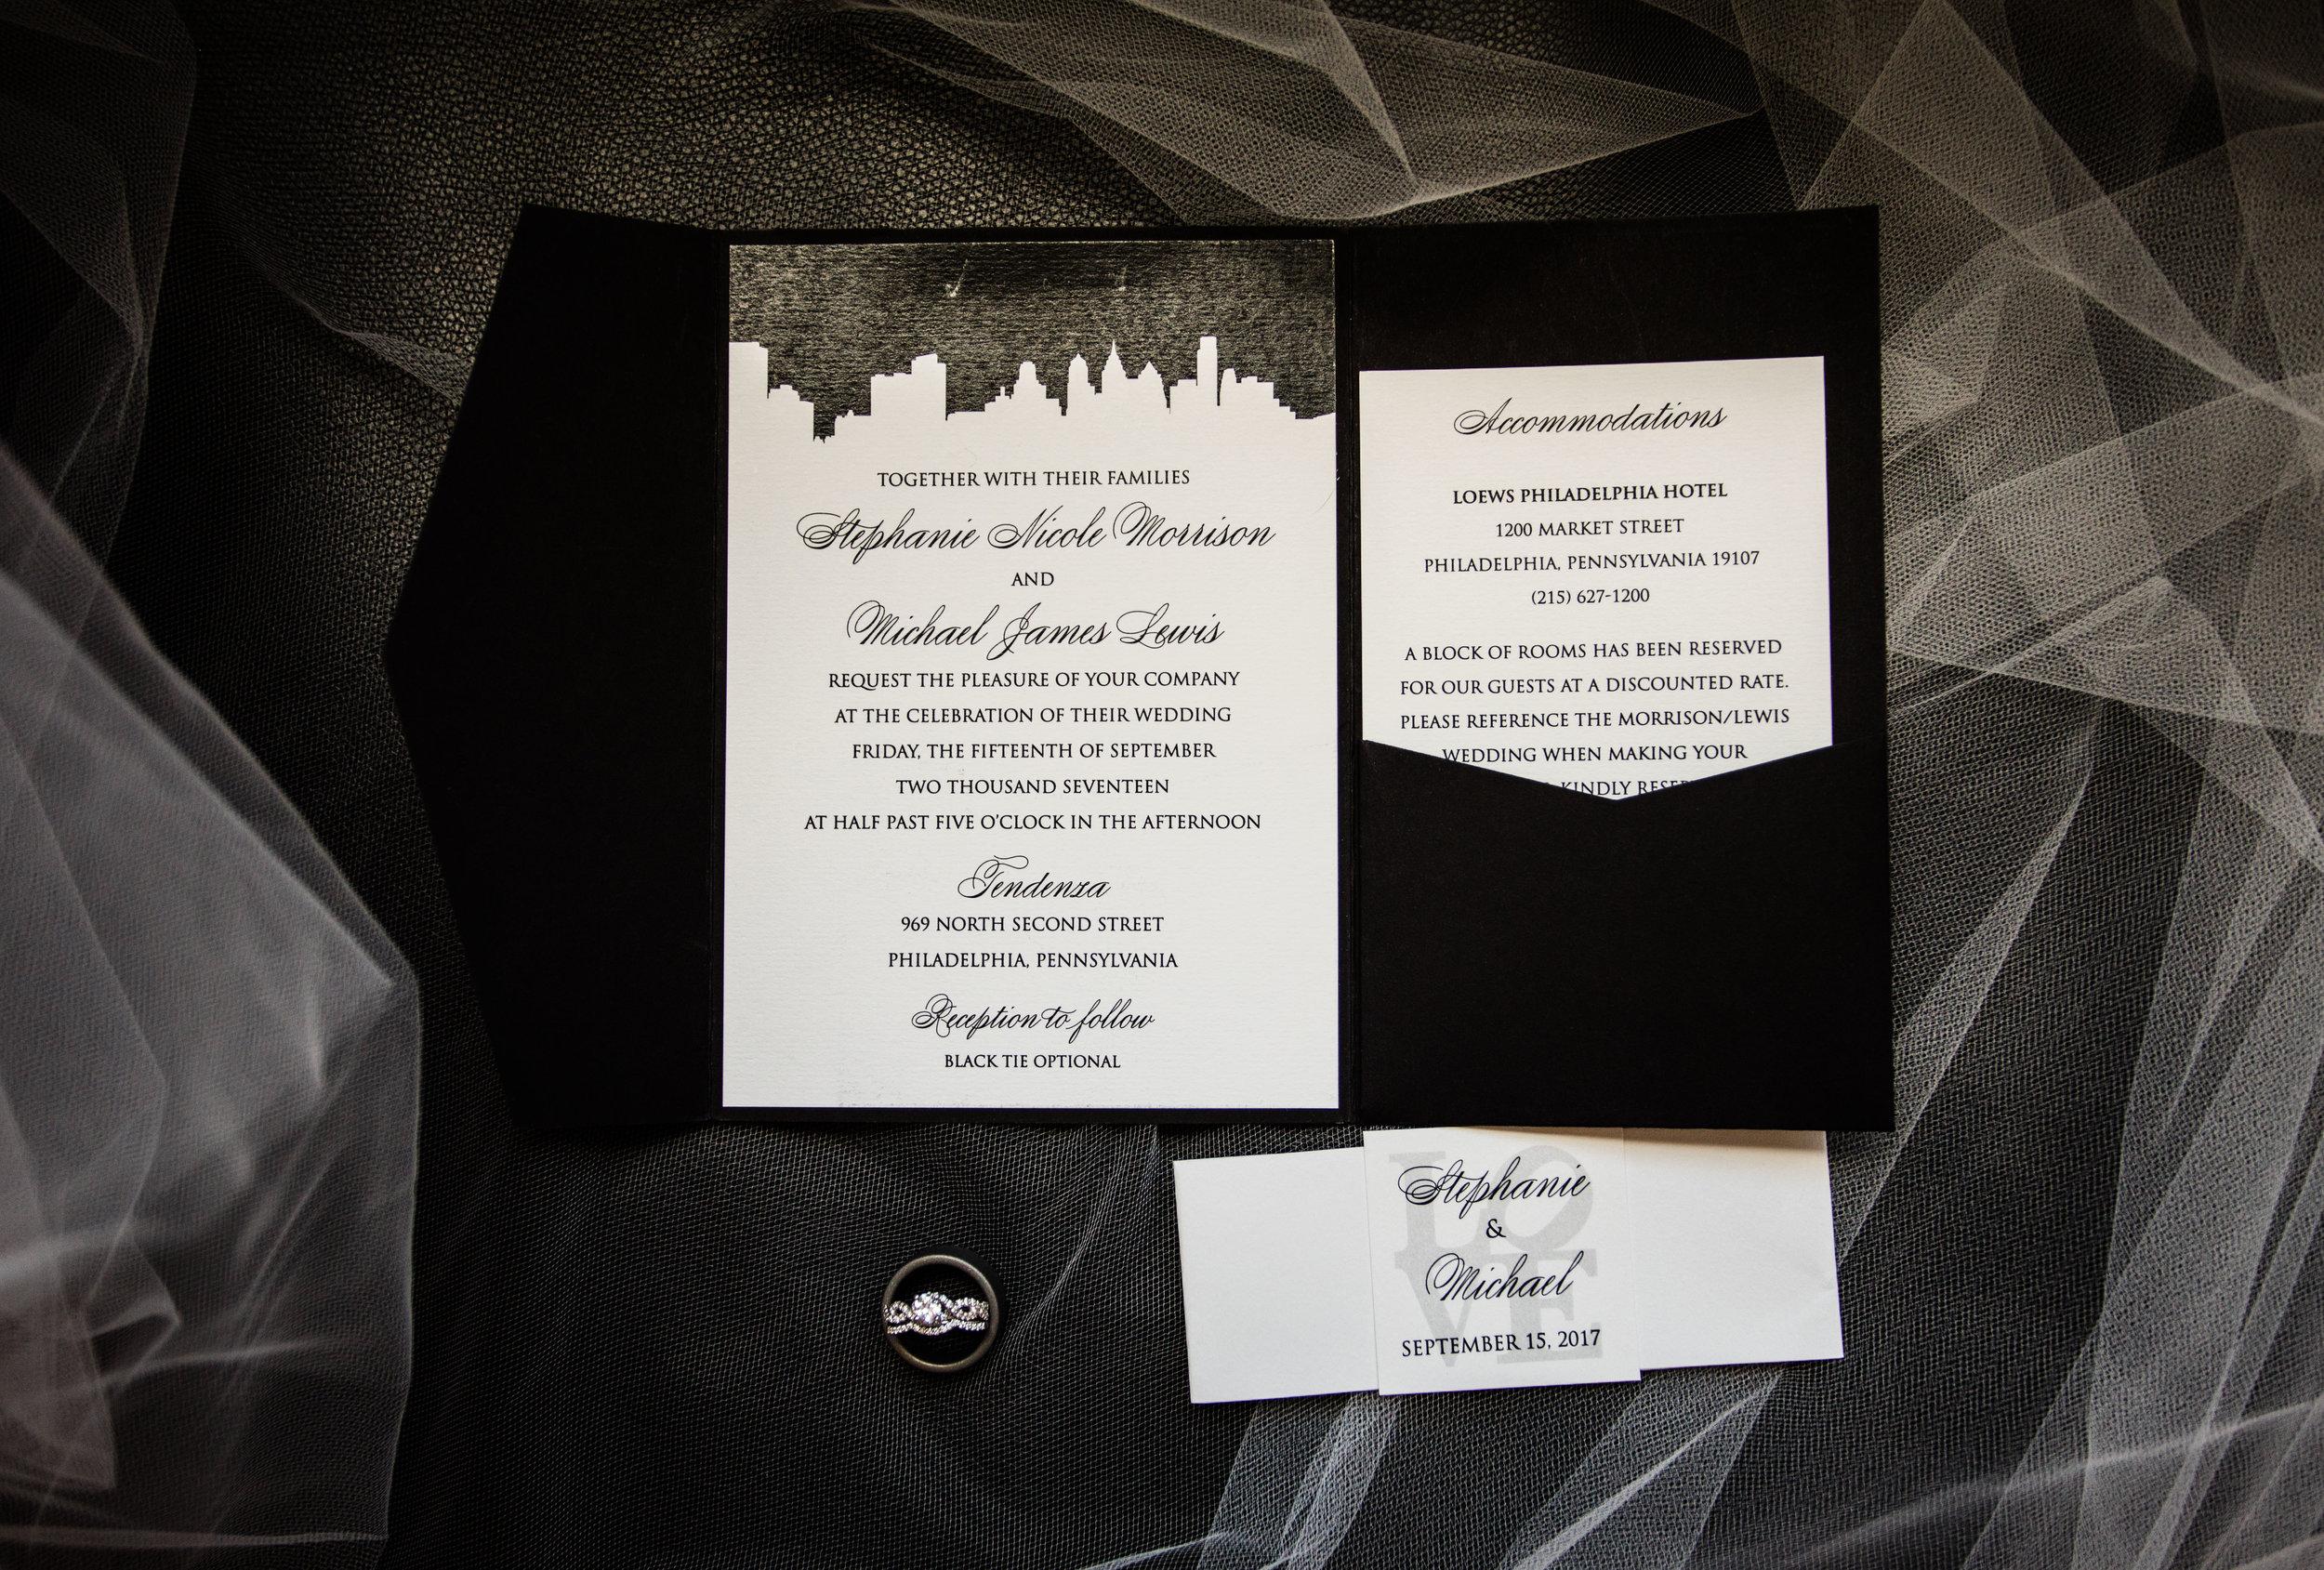 TENDENZA FISHTOWN PHILADELPHIA WEDDING - 007.jpg